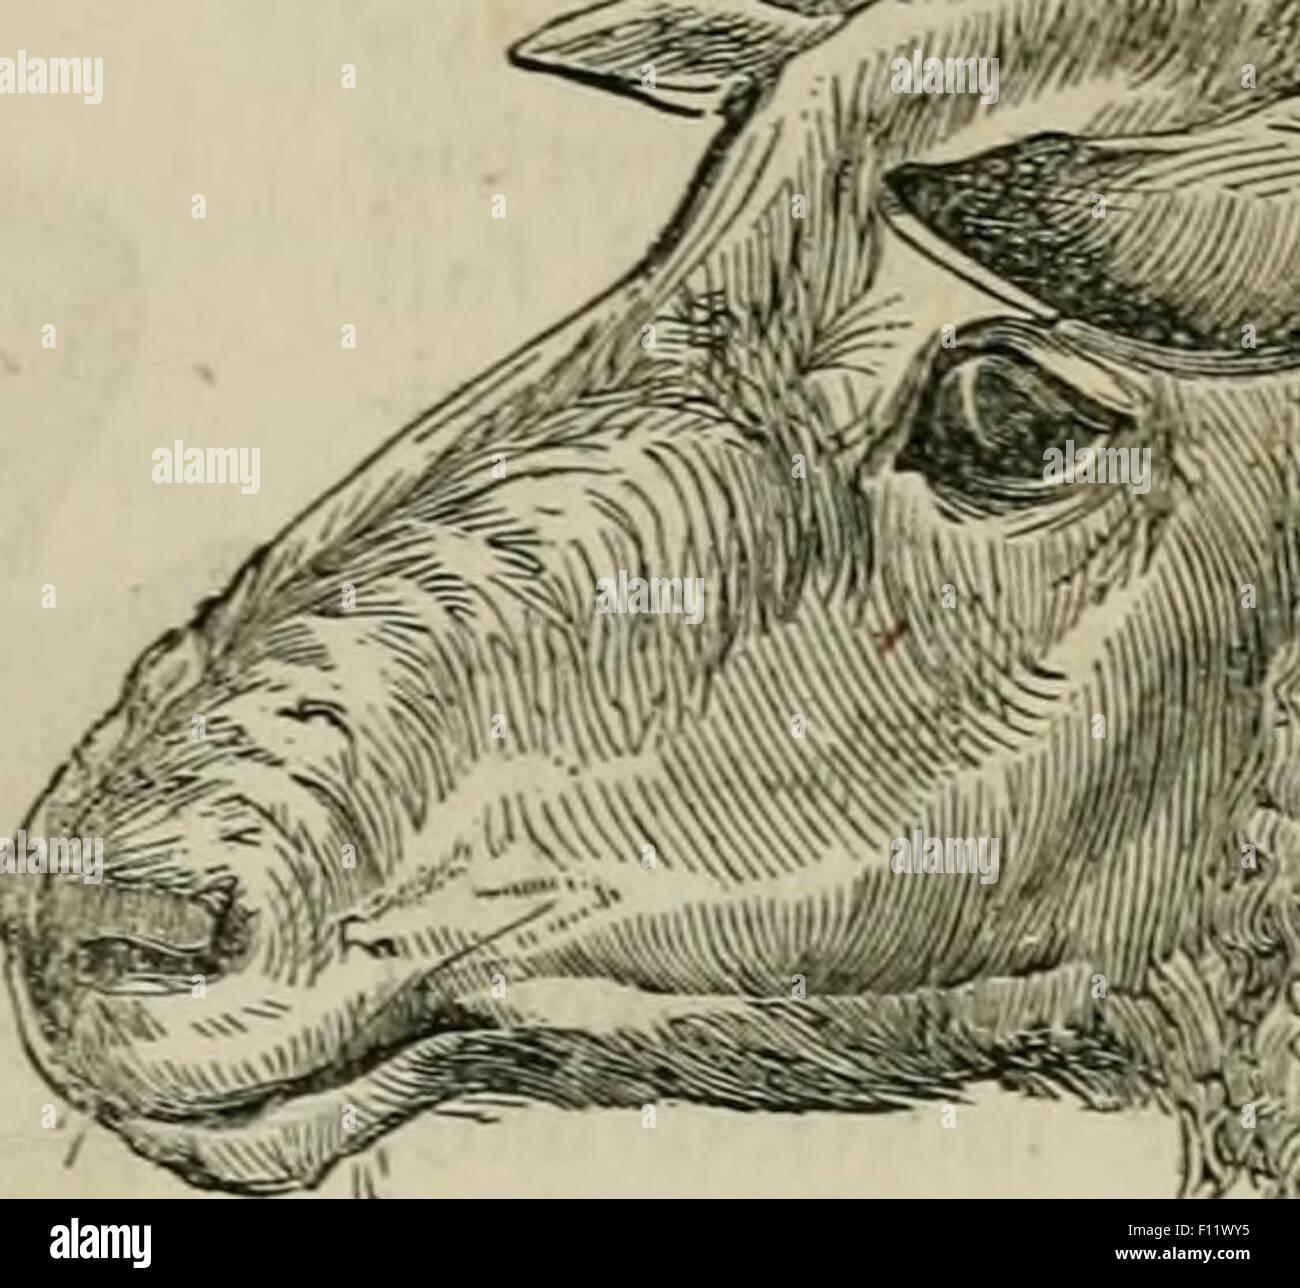 Ilustración de una vaca vieja Foto & Imagen De Stock: 86708809 - Alamy